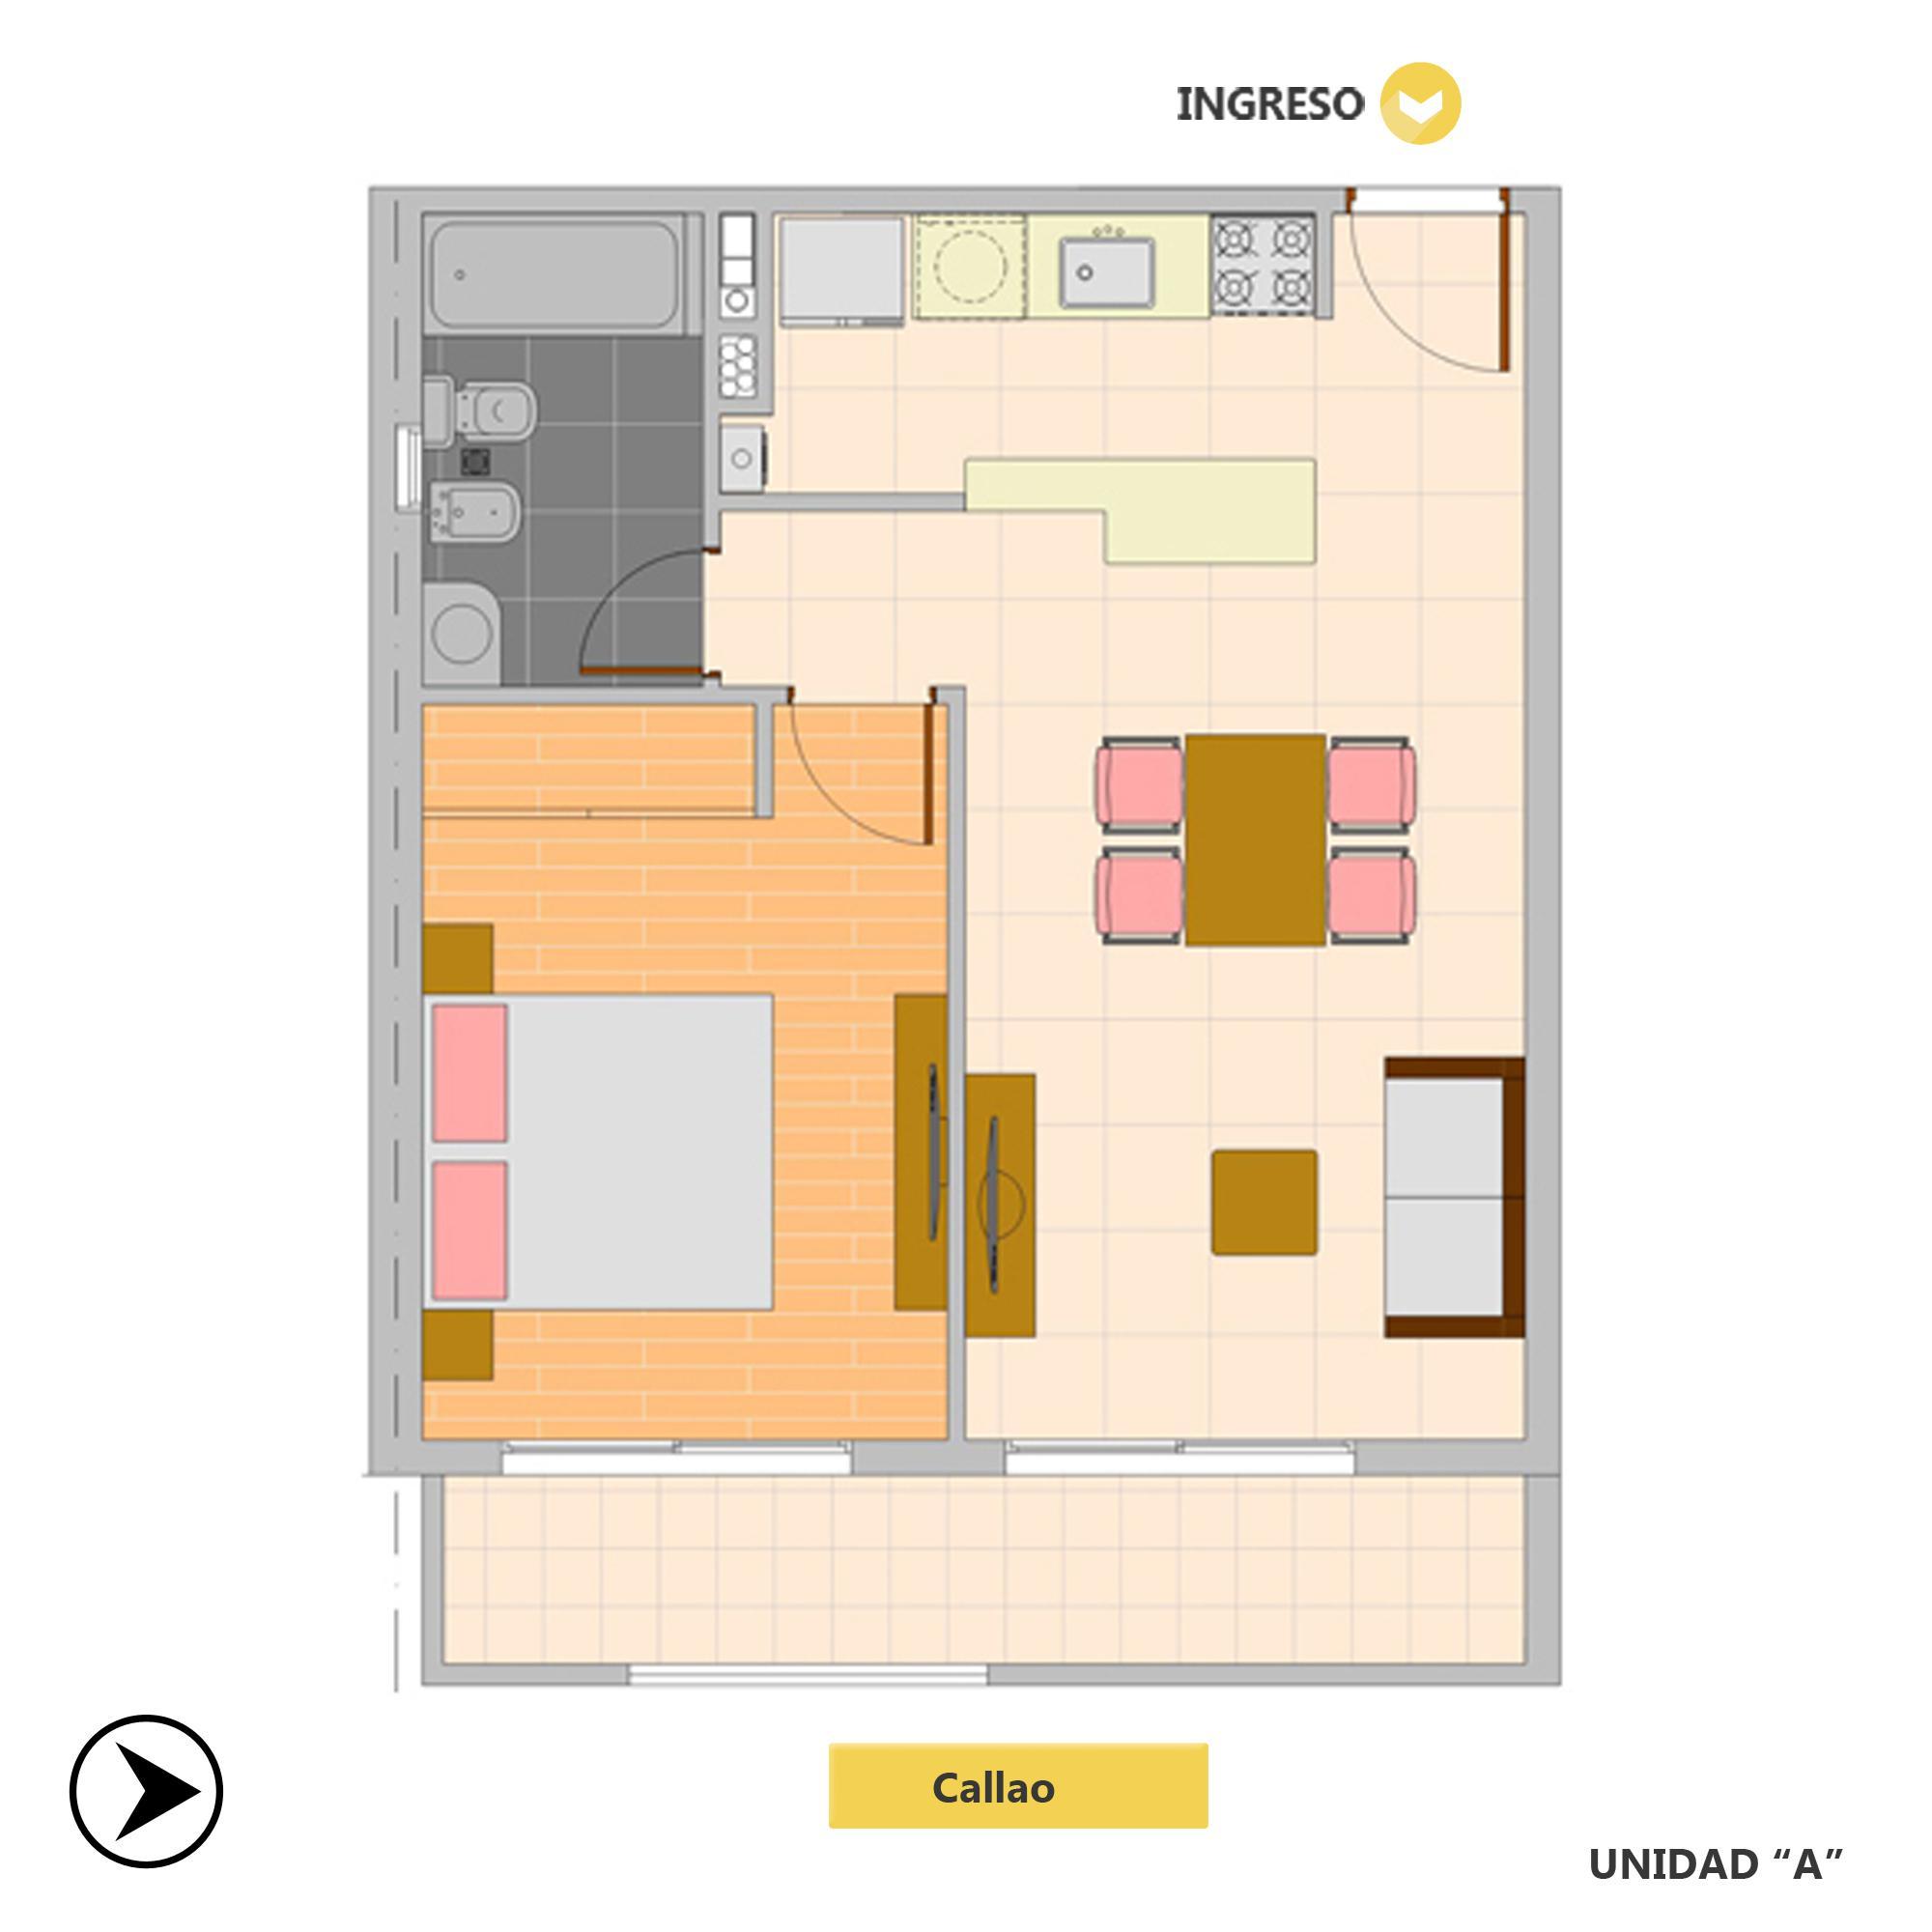 Venta departamento 1 dormitorio Rosario, Oeste. Cod CBU20801 AP2038090. Crestale Propiedades